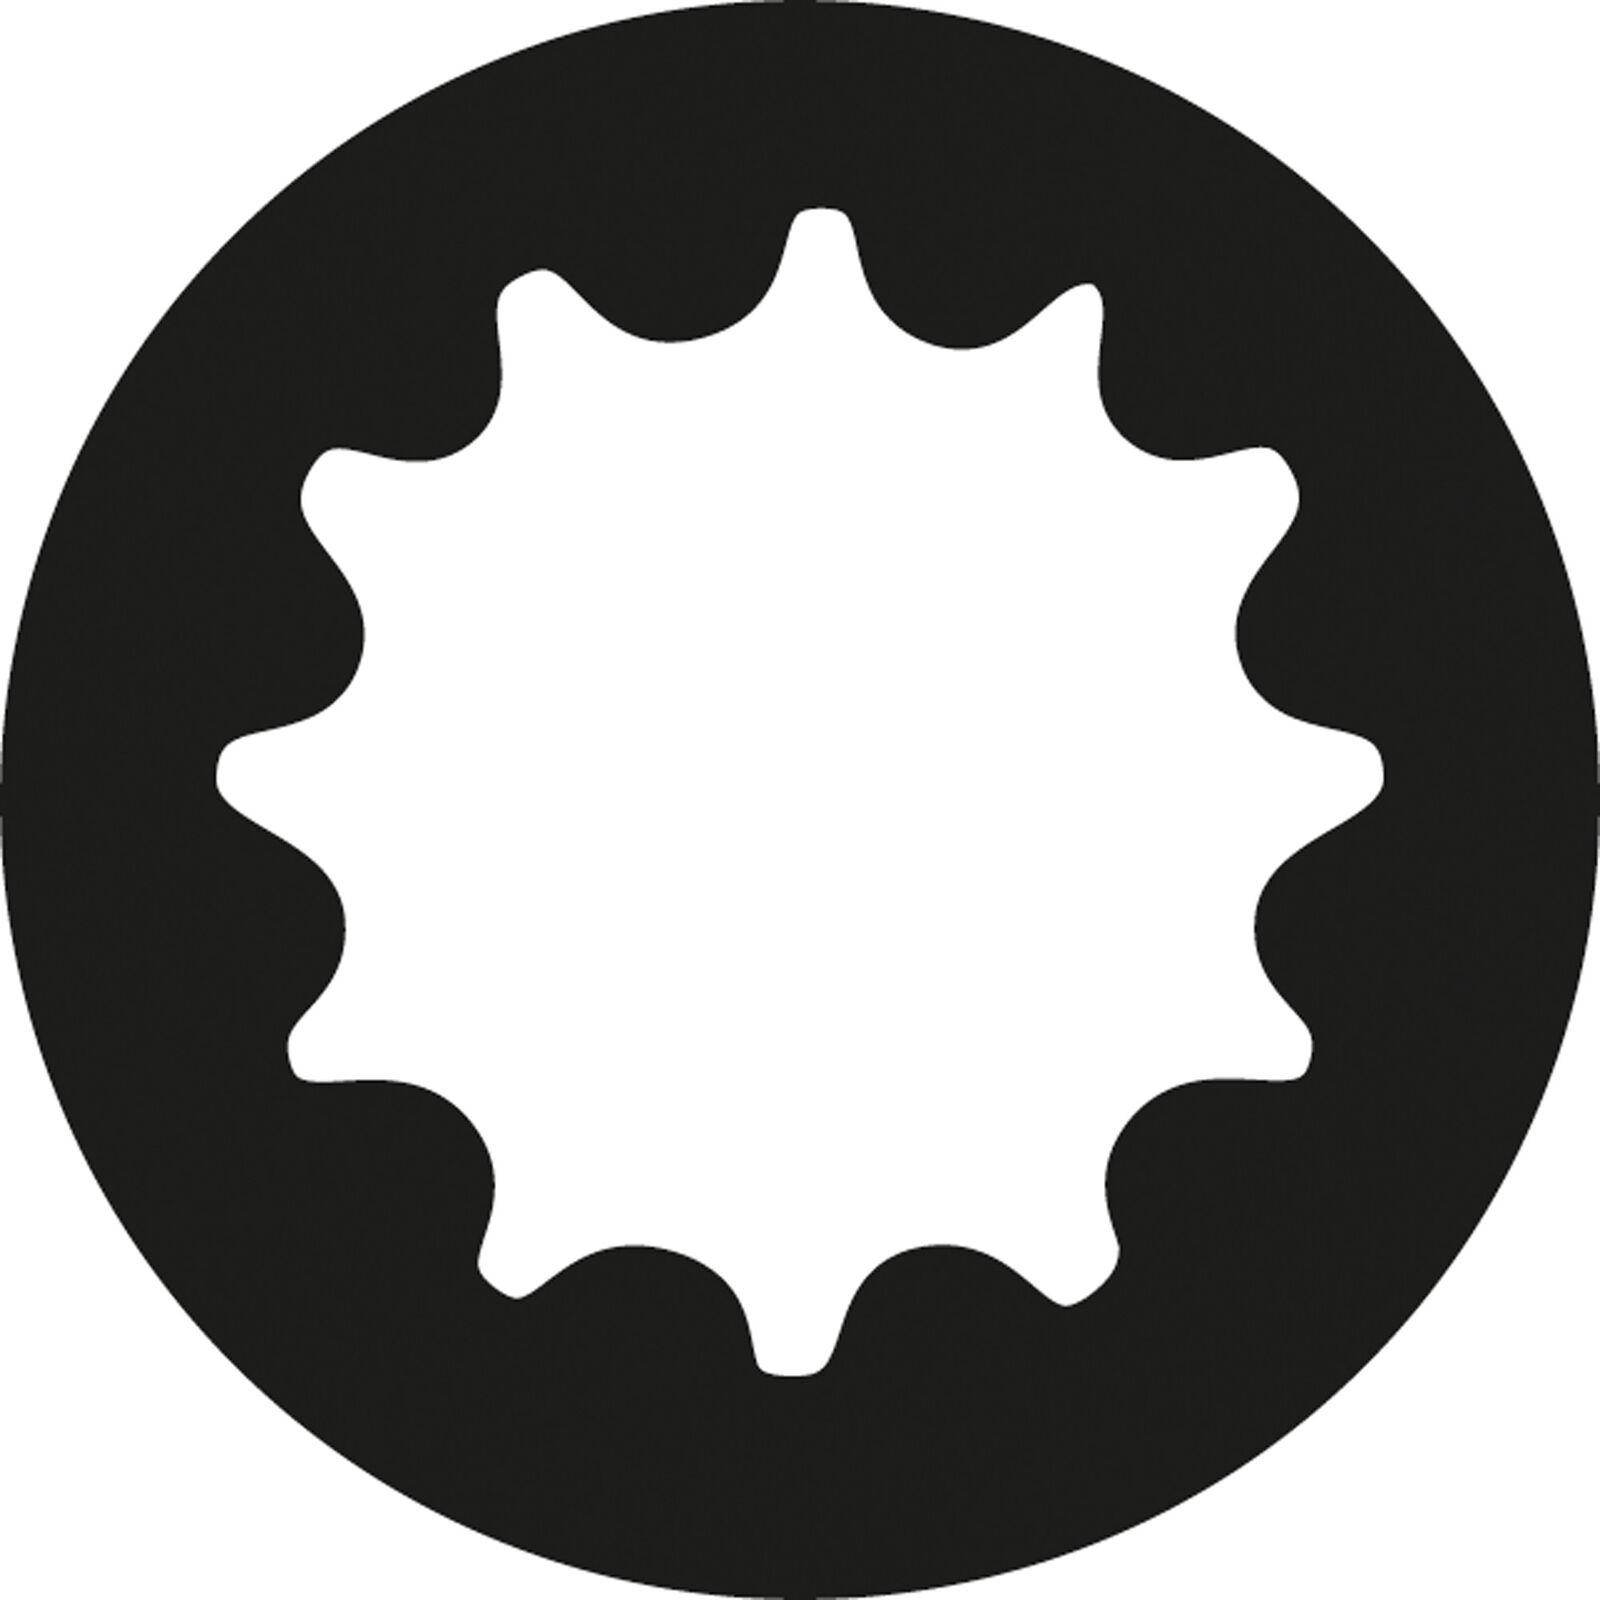 Gedore Zugringschlüssel gekröpft 80mm - 6035380   Online Online Online Outlet Shop    Produktqualität    Garantiere Qualität und Quantität    Geeignet für Farbe  0f80a6